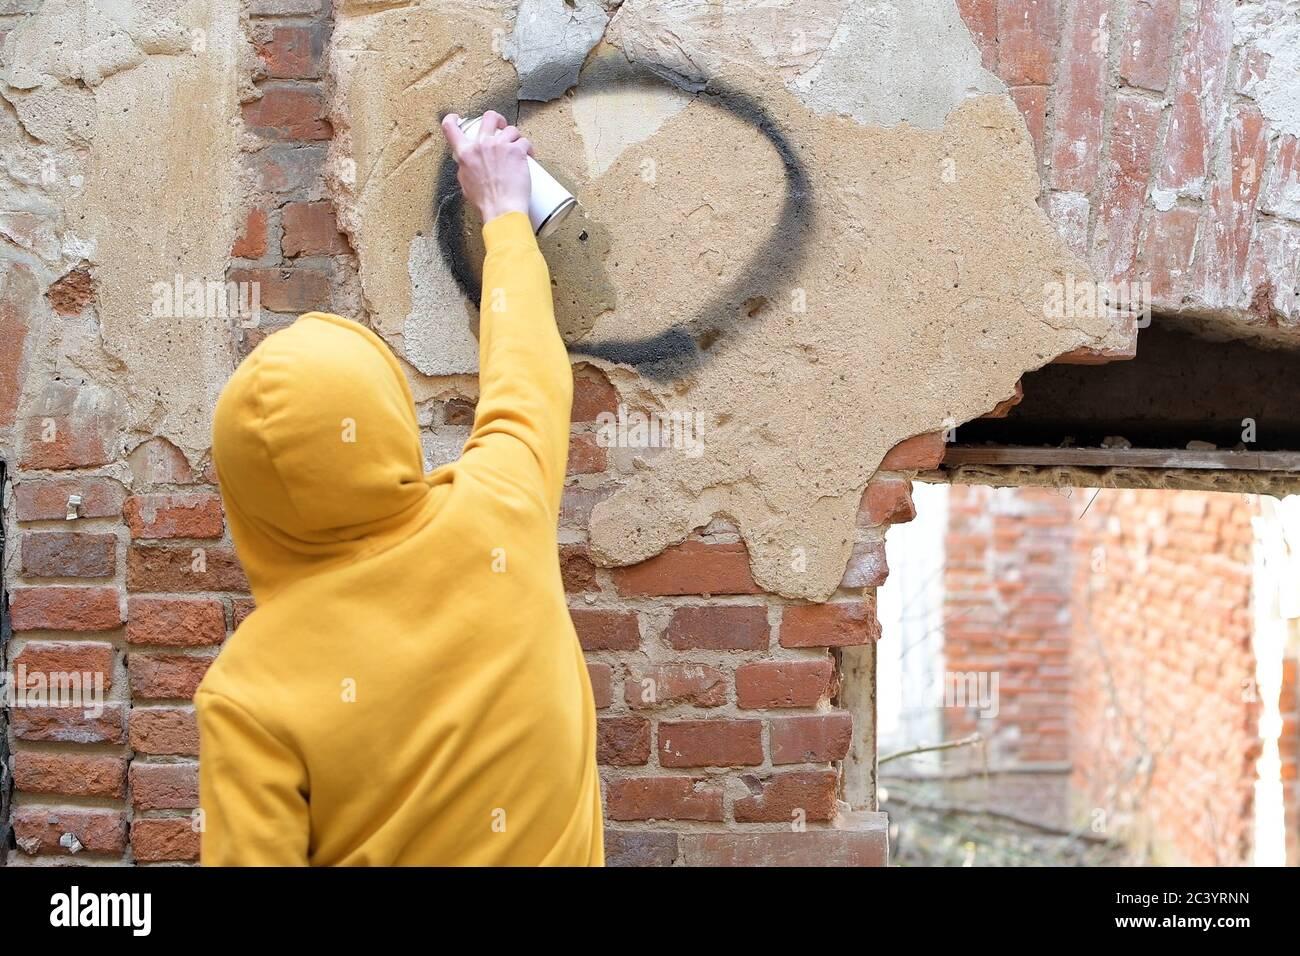 Ein Teenager zeichnet an einer Wand eines verlassenen Gebäudes Eine Sprühdose Farbe Stockfoto